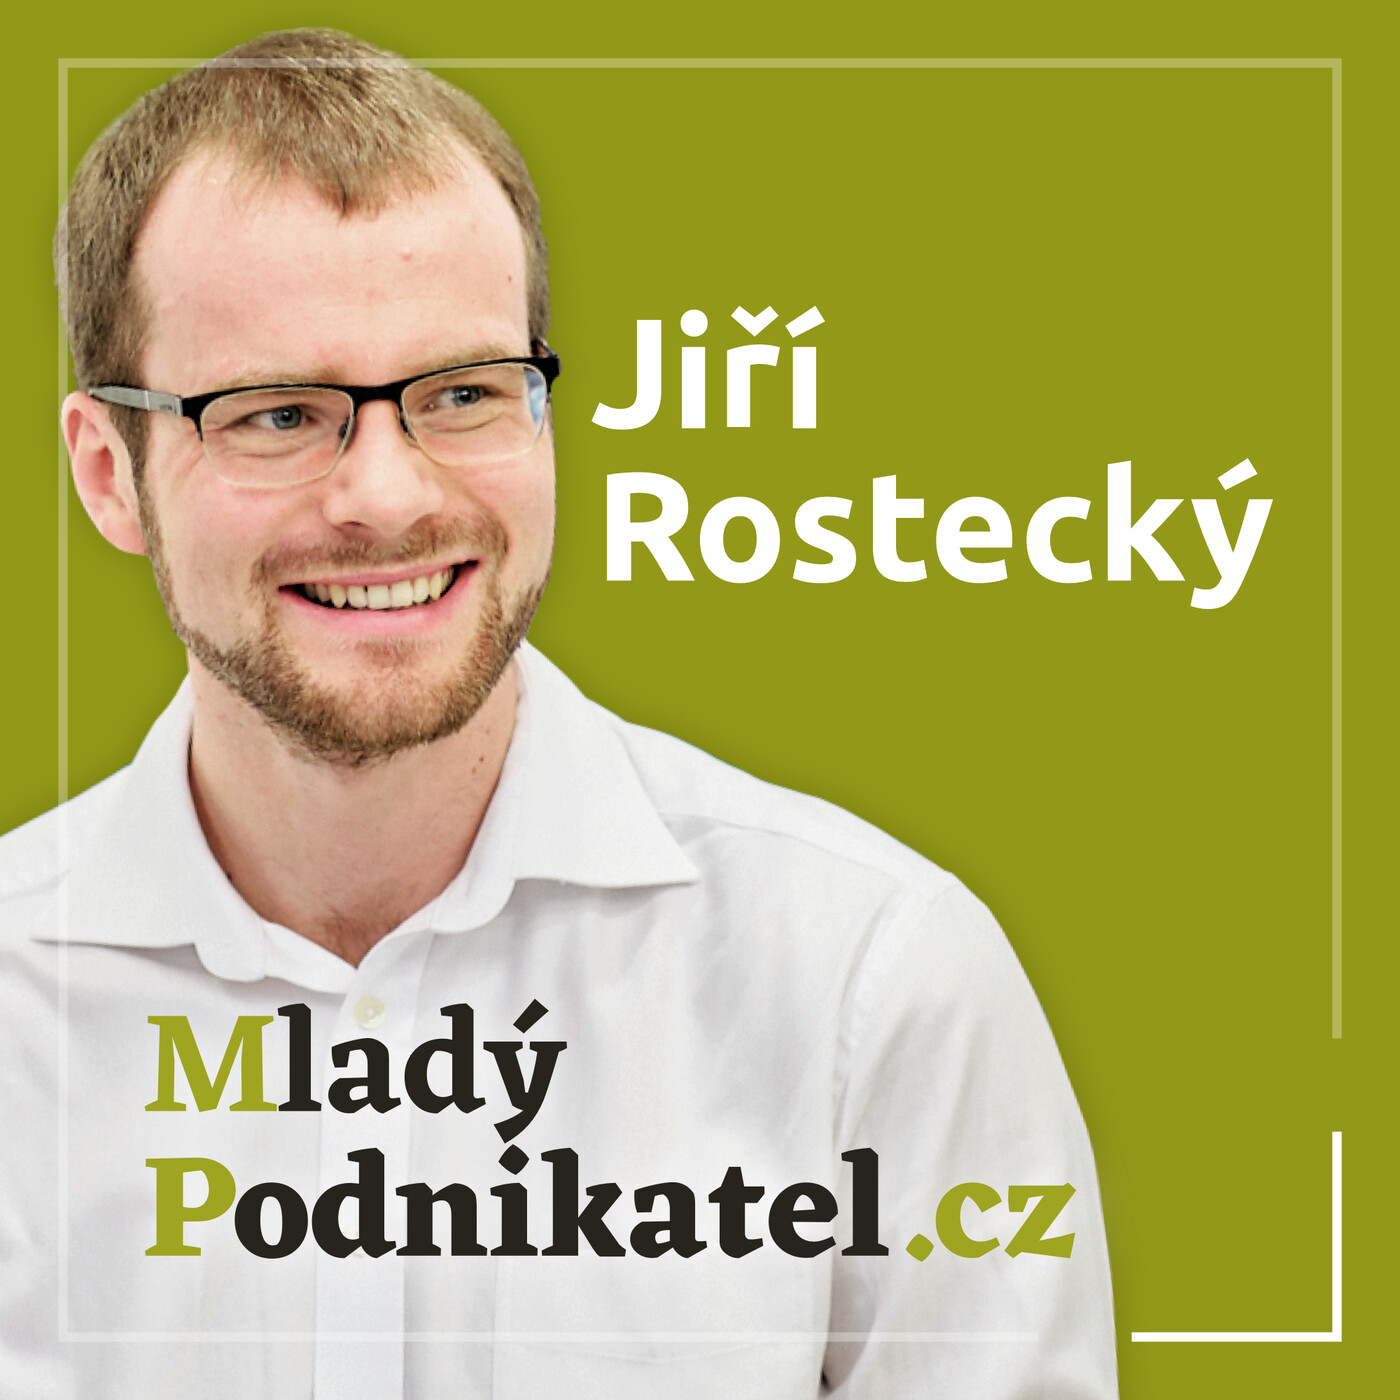 Řízení cashflow firmy v době krize | Petr Macek (Caflou.cz)